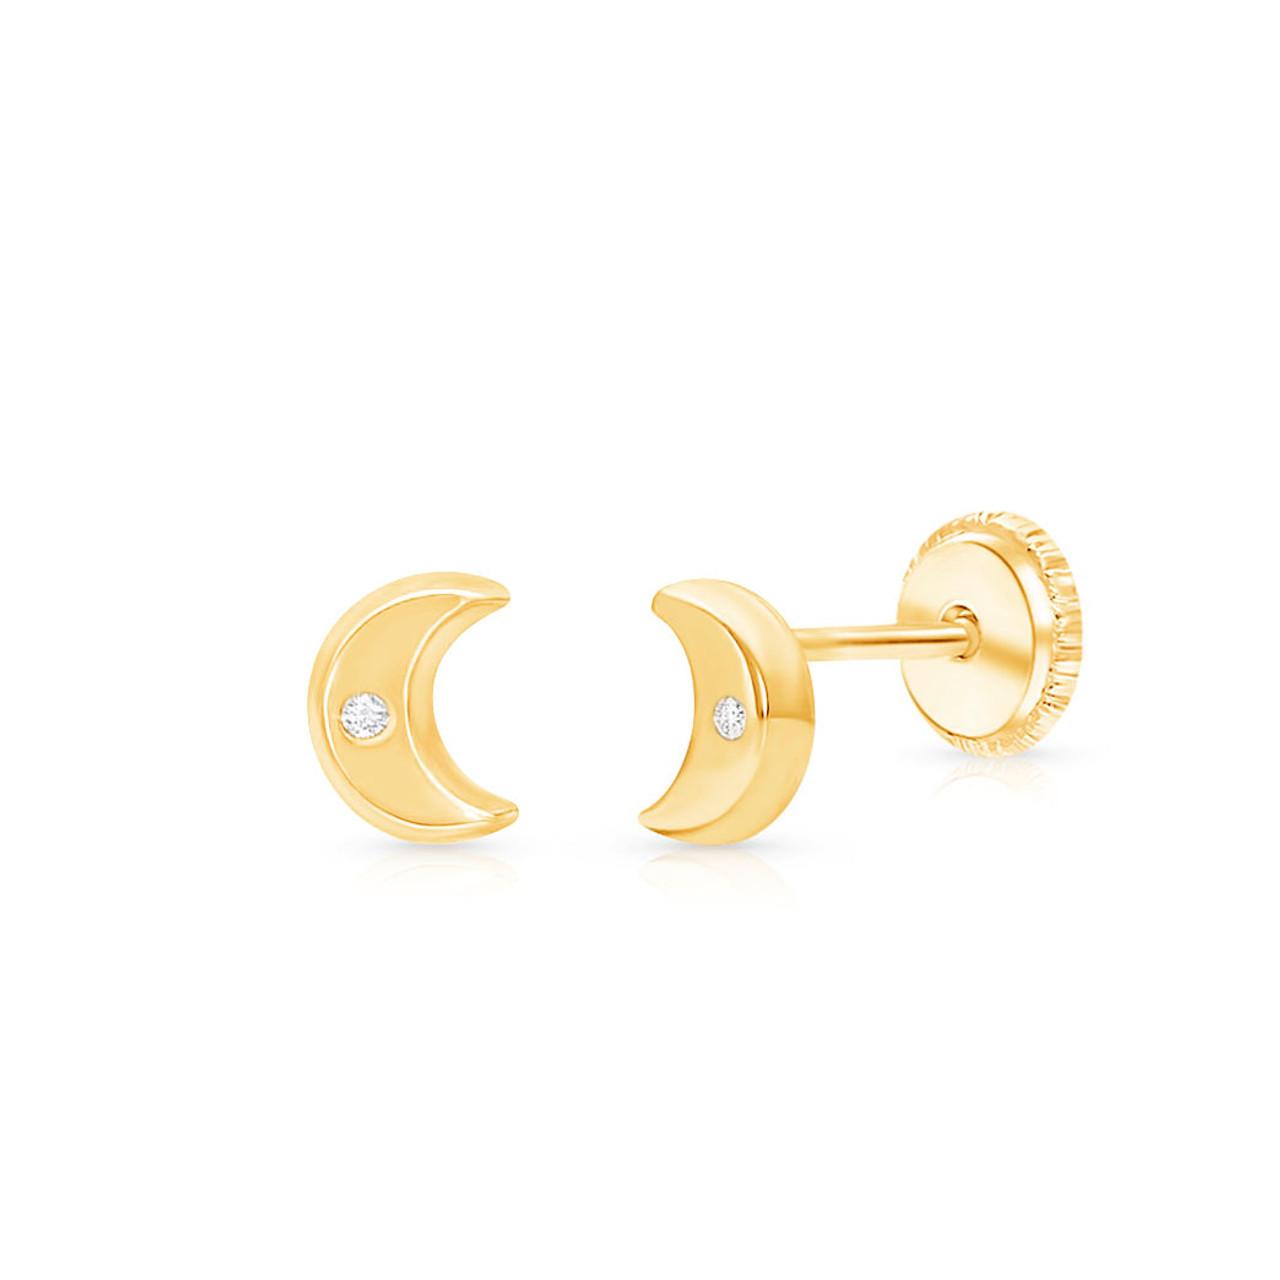 Moon Earrings Luna earrings Crescent earrings